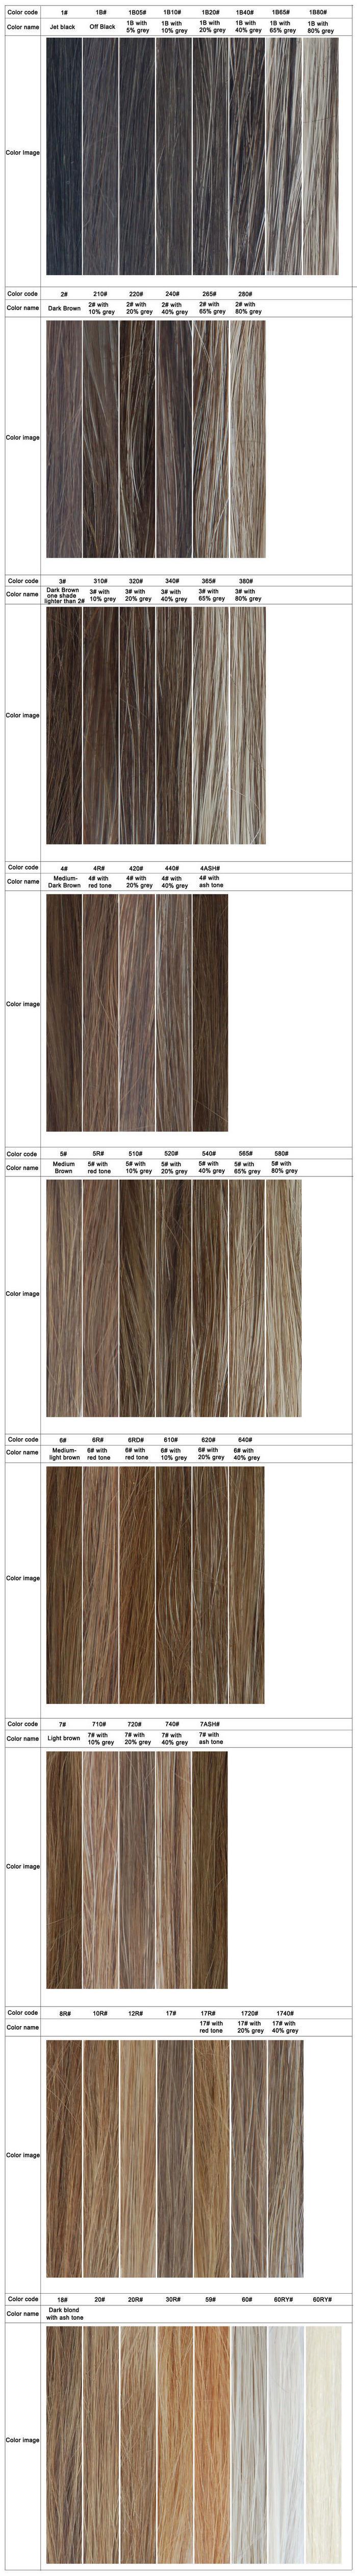 Toupet, Zweithaar, Haarteil Farben